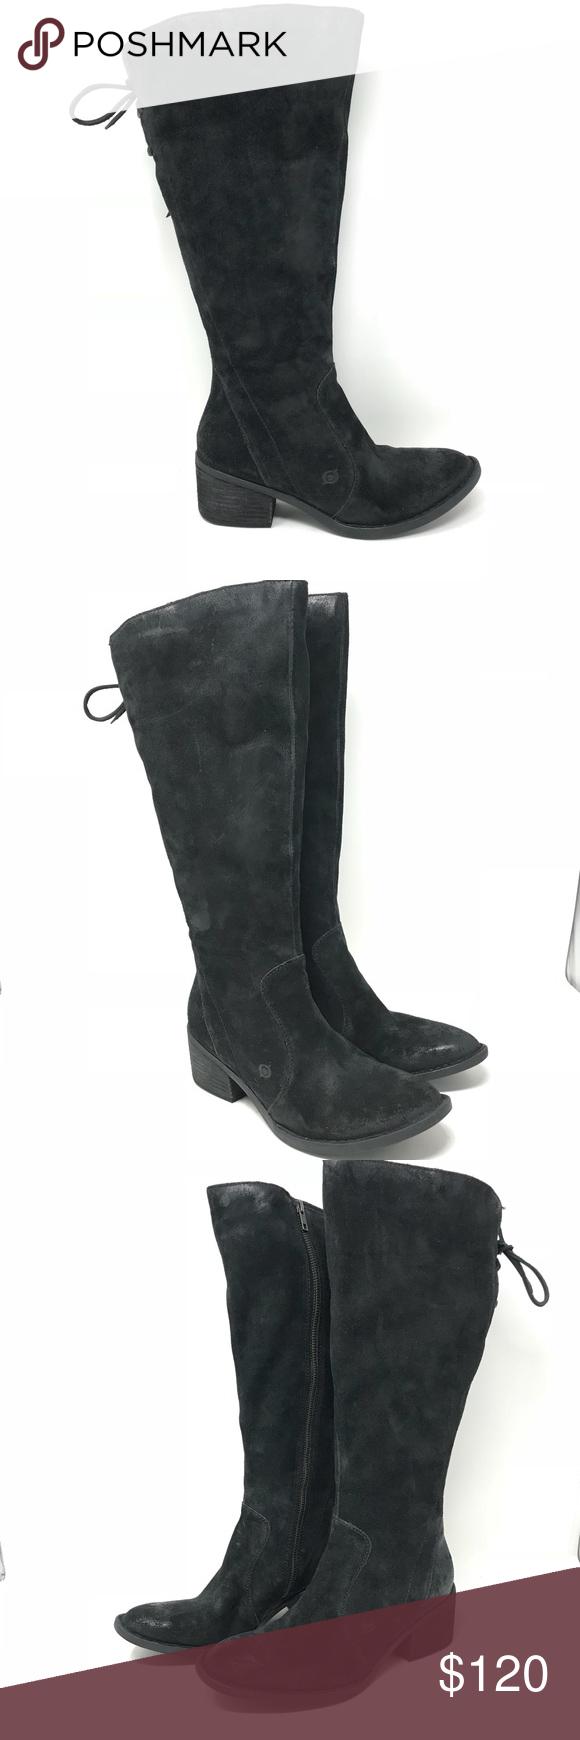 5dbc3663e74d NEW Born Felicia Wide Calf Black Distressed Boots Born Felicia Size 8.5 M  Wide Calf Black